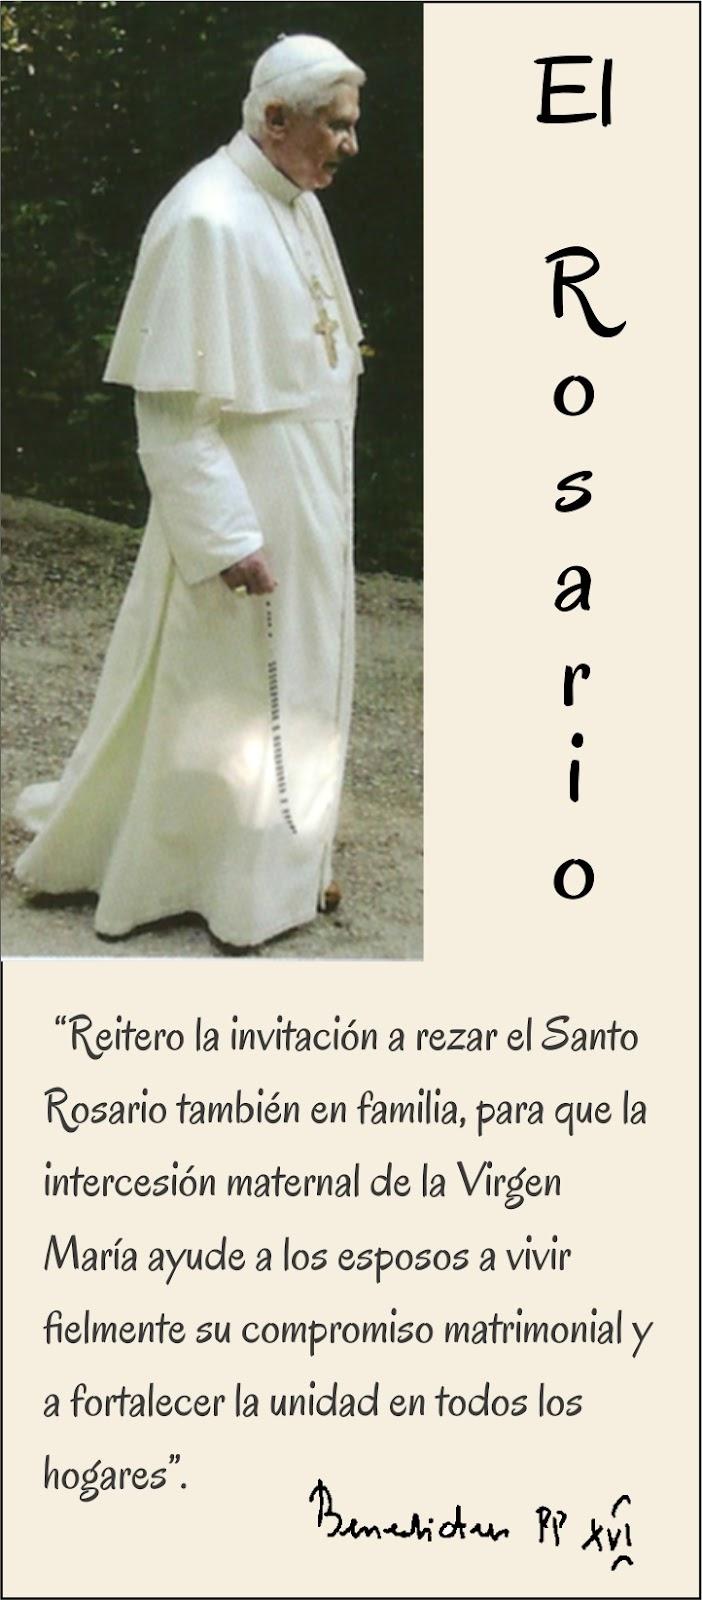 Tarjetas y oraciones catolicas frases del rosario benedicto xvi thecheapjerseys Gallery